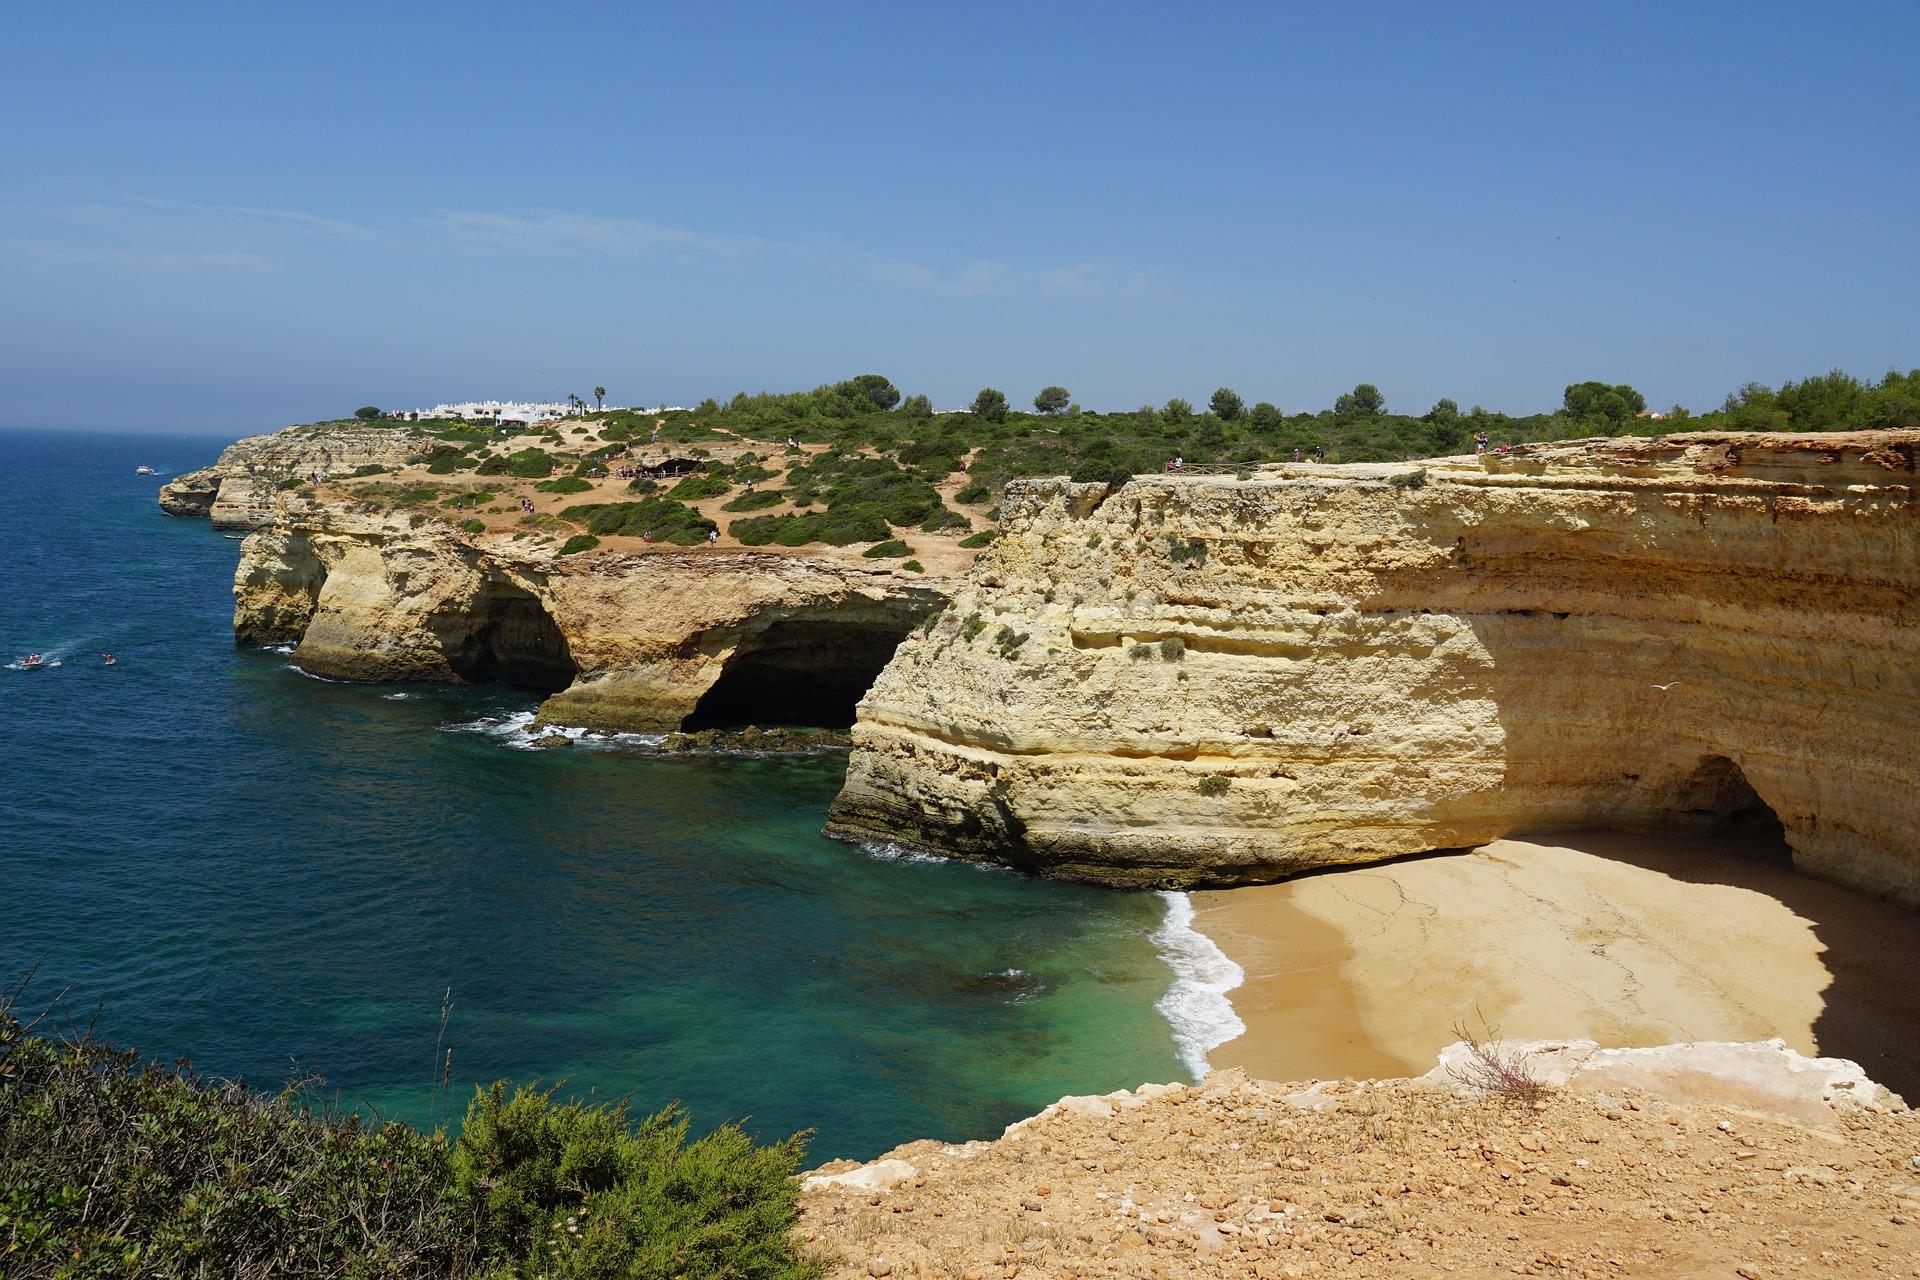 Die berühmten Benagil Caves an der Algarve